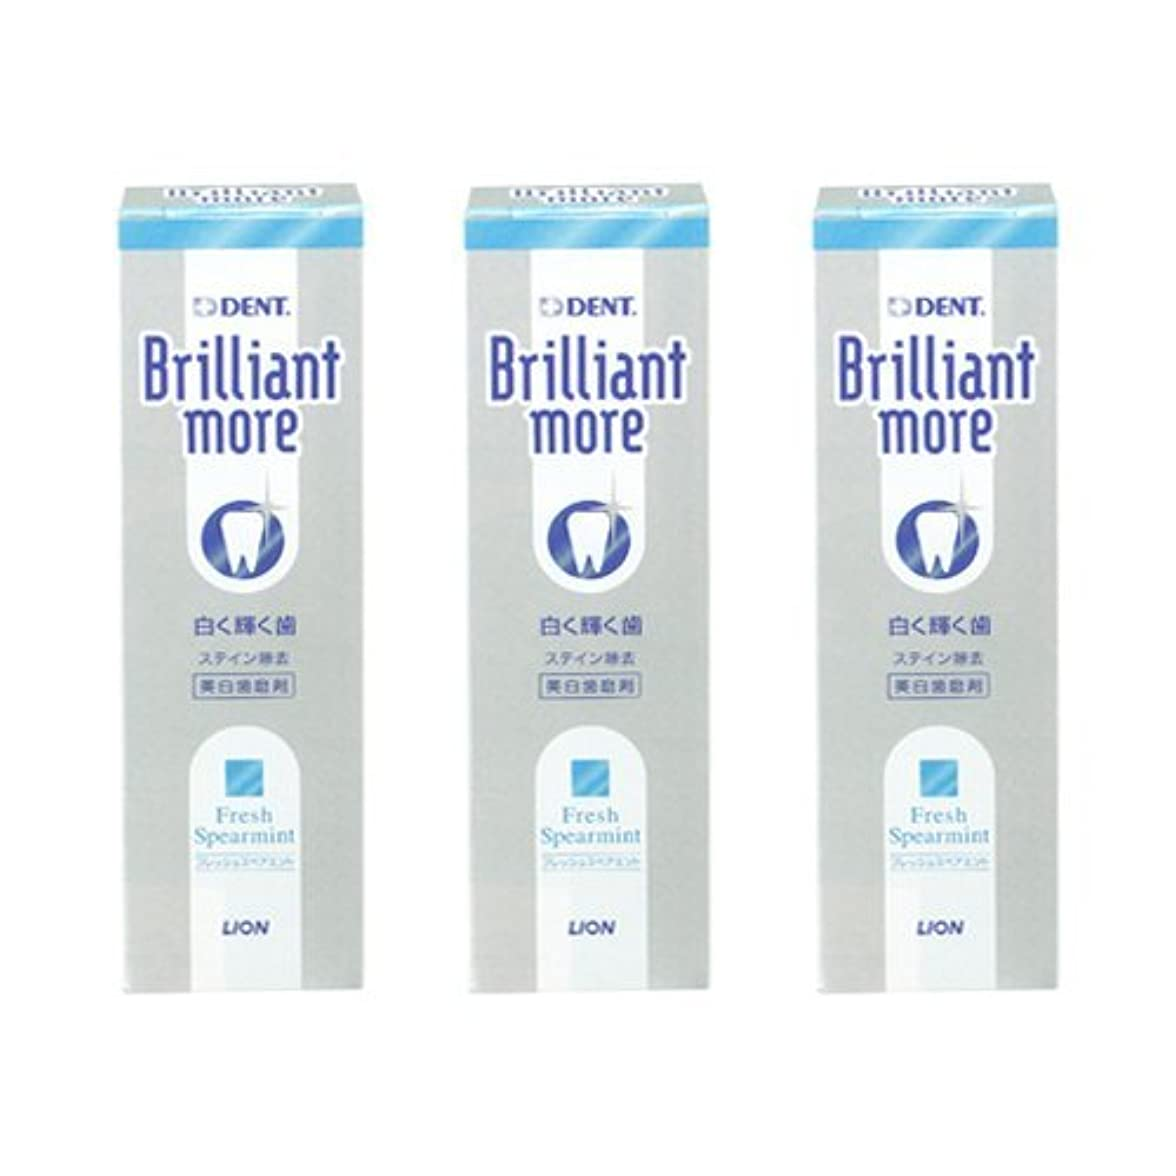 伝説恐れる緩めるライオン ブリリアントモア フレッシュスペアミント 3本セット 美白歯磨剤 LION Brilliant more